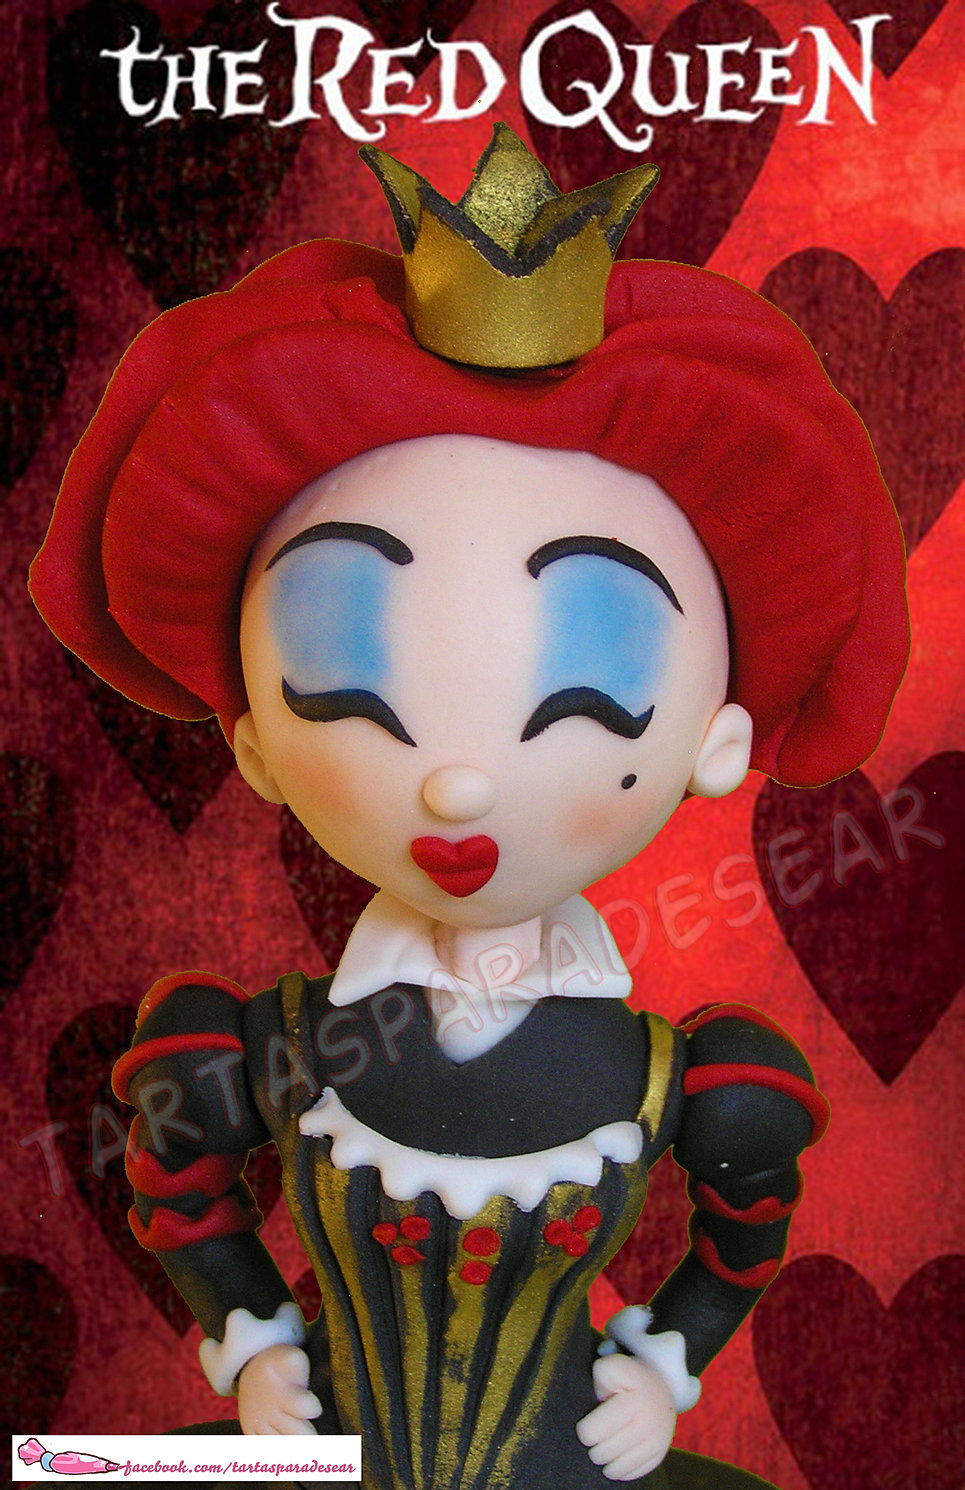 Reina de corazones Tim burton.jpg